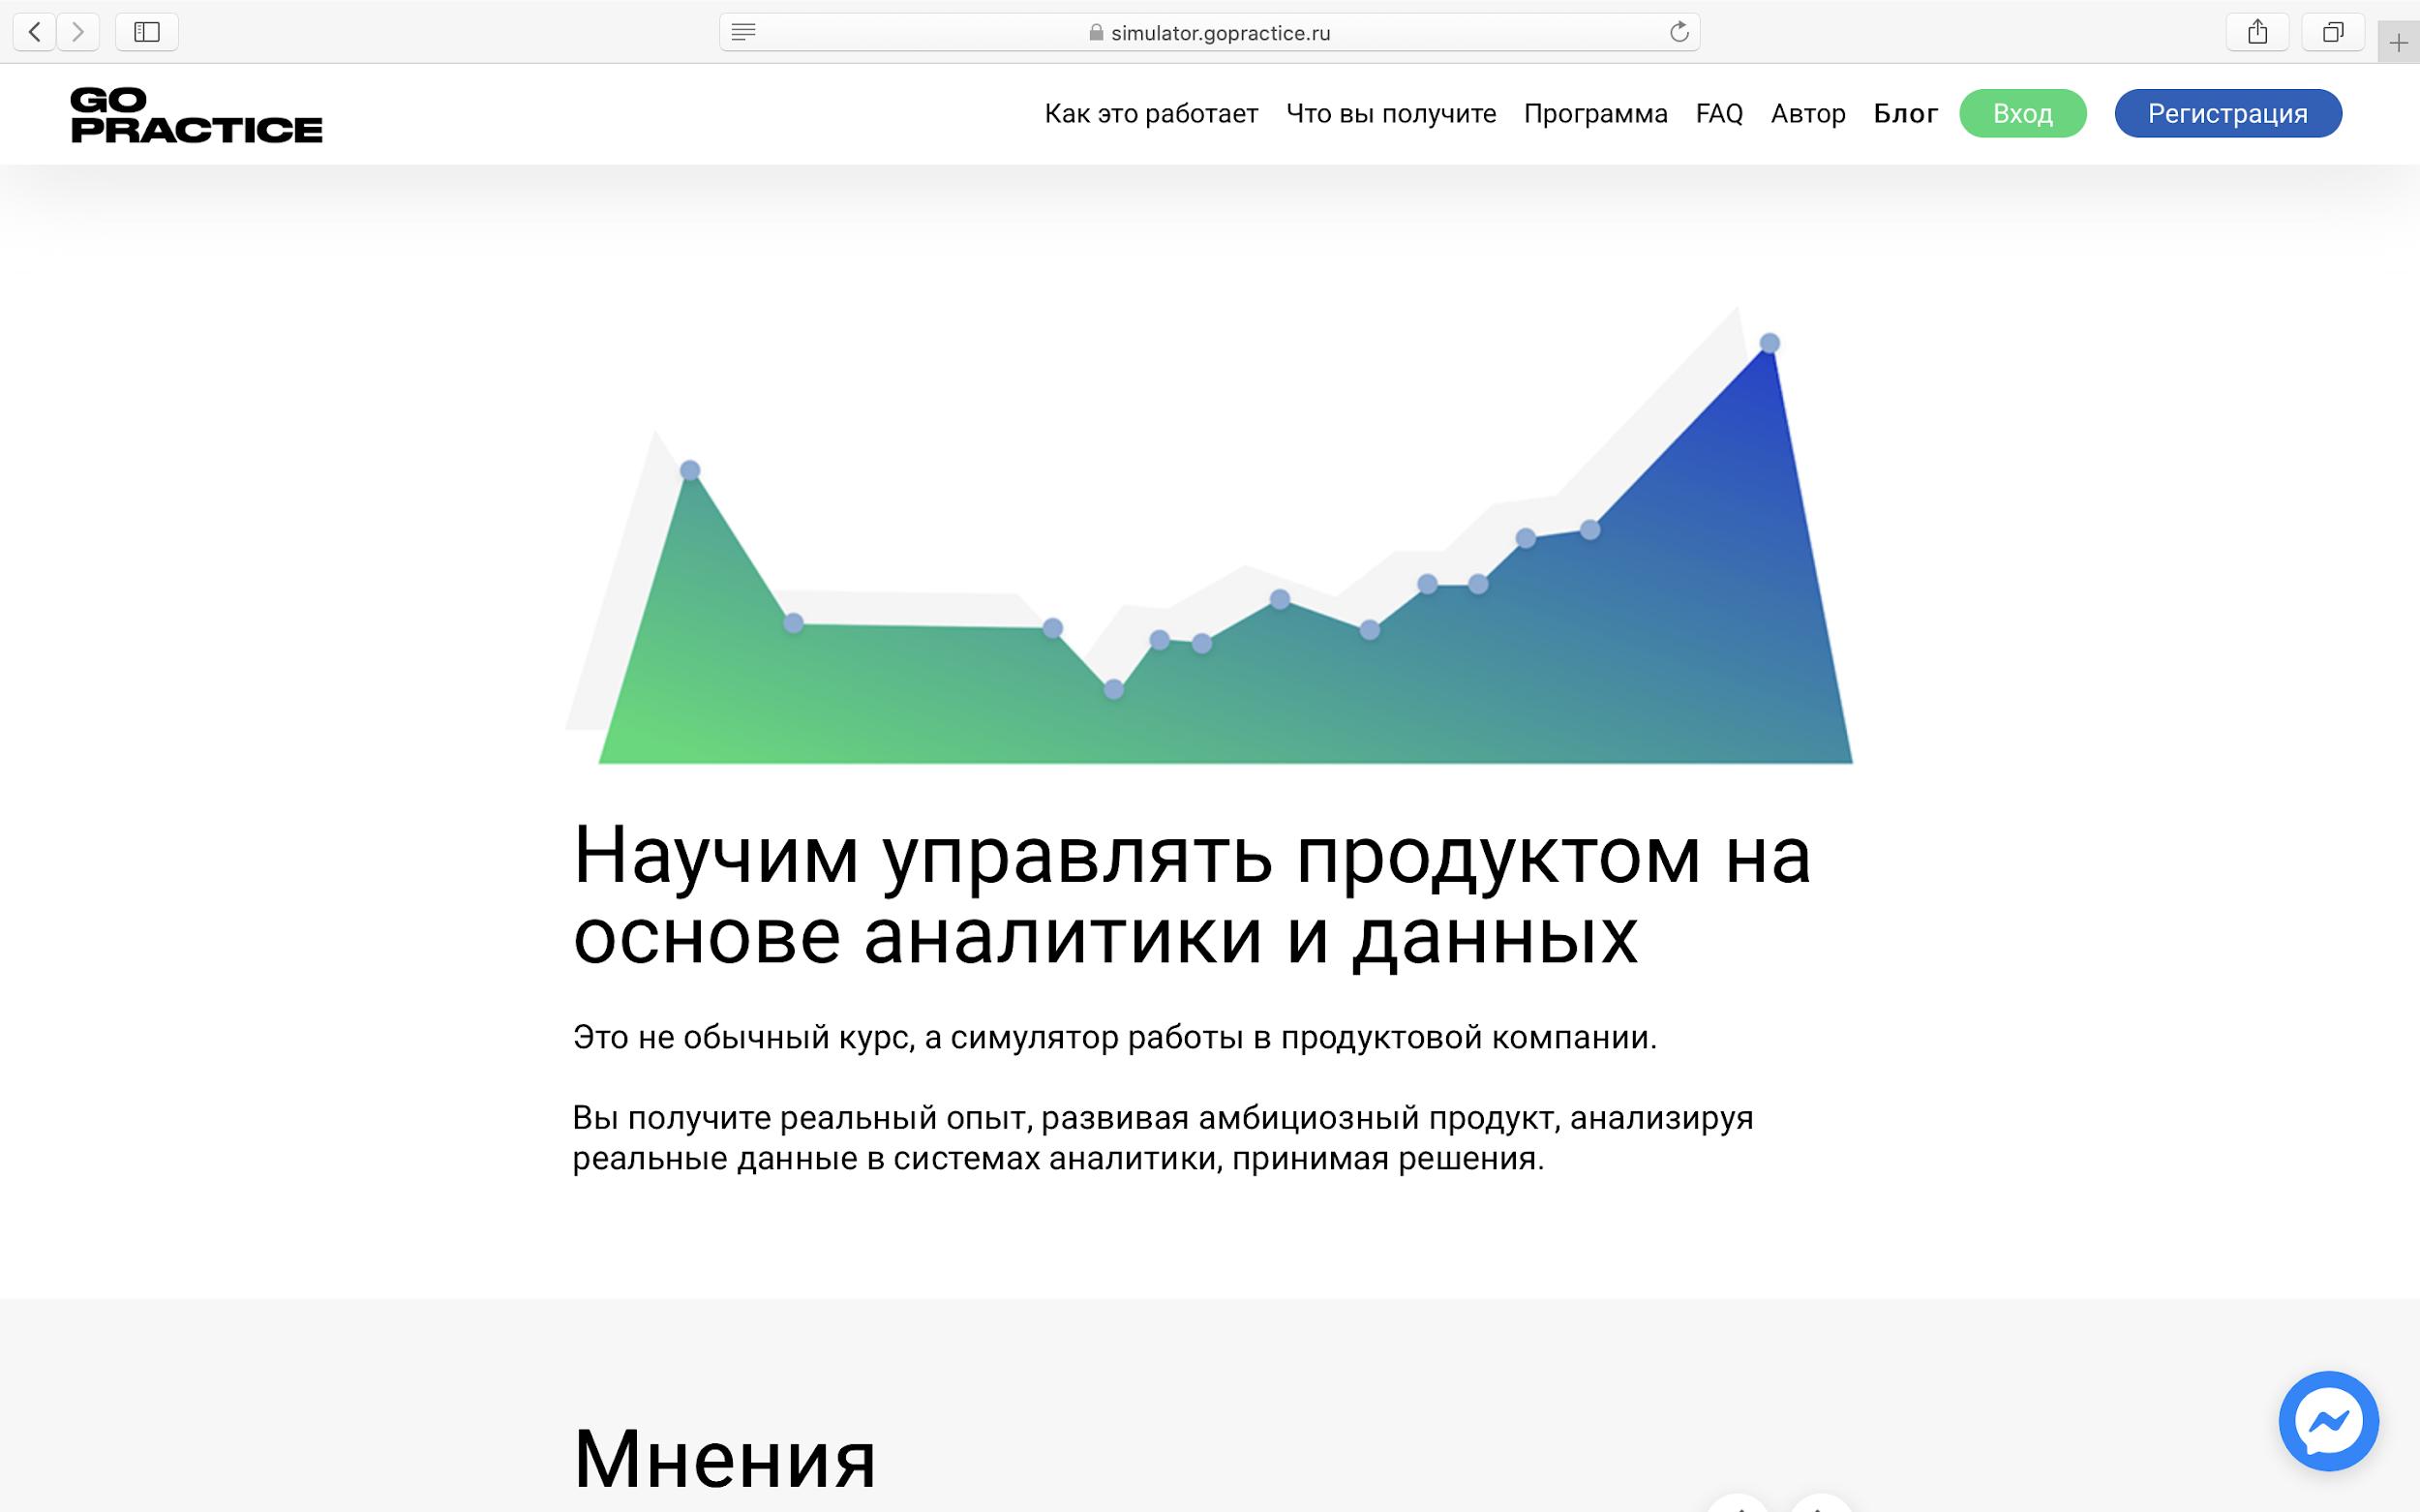 Cимулятор GoPractice – симулятор работы в продуктовой компании